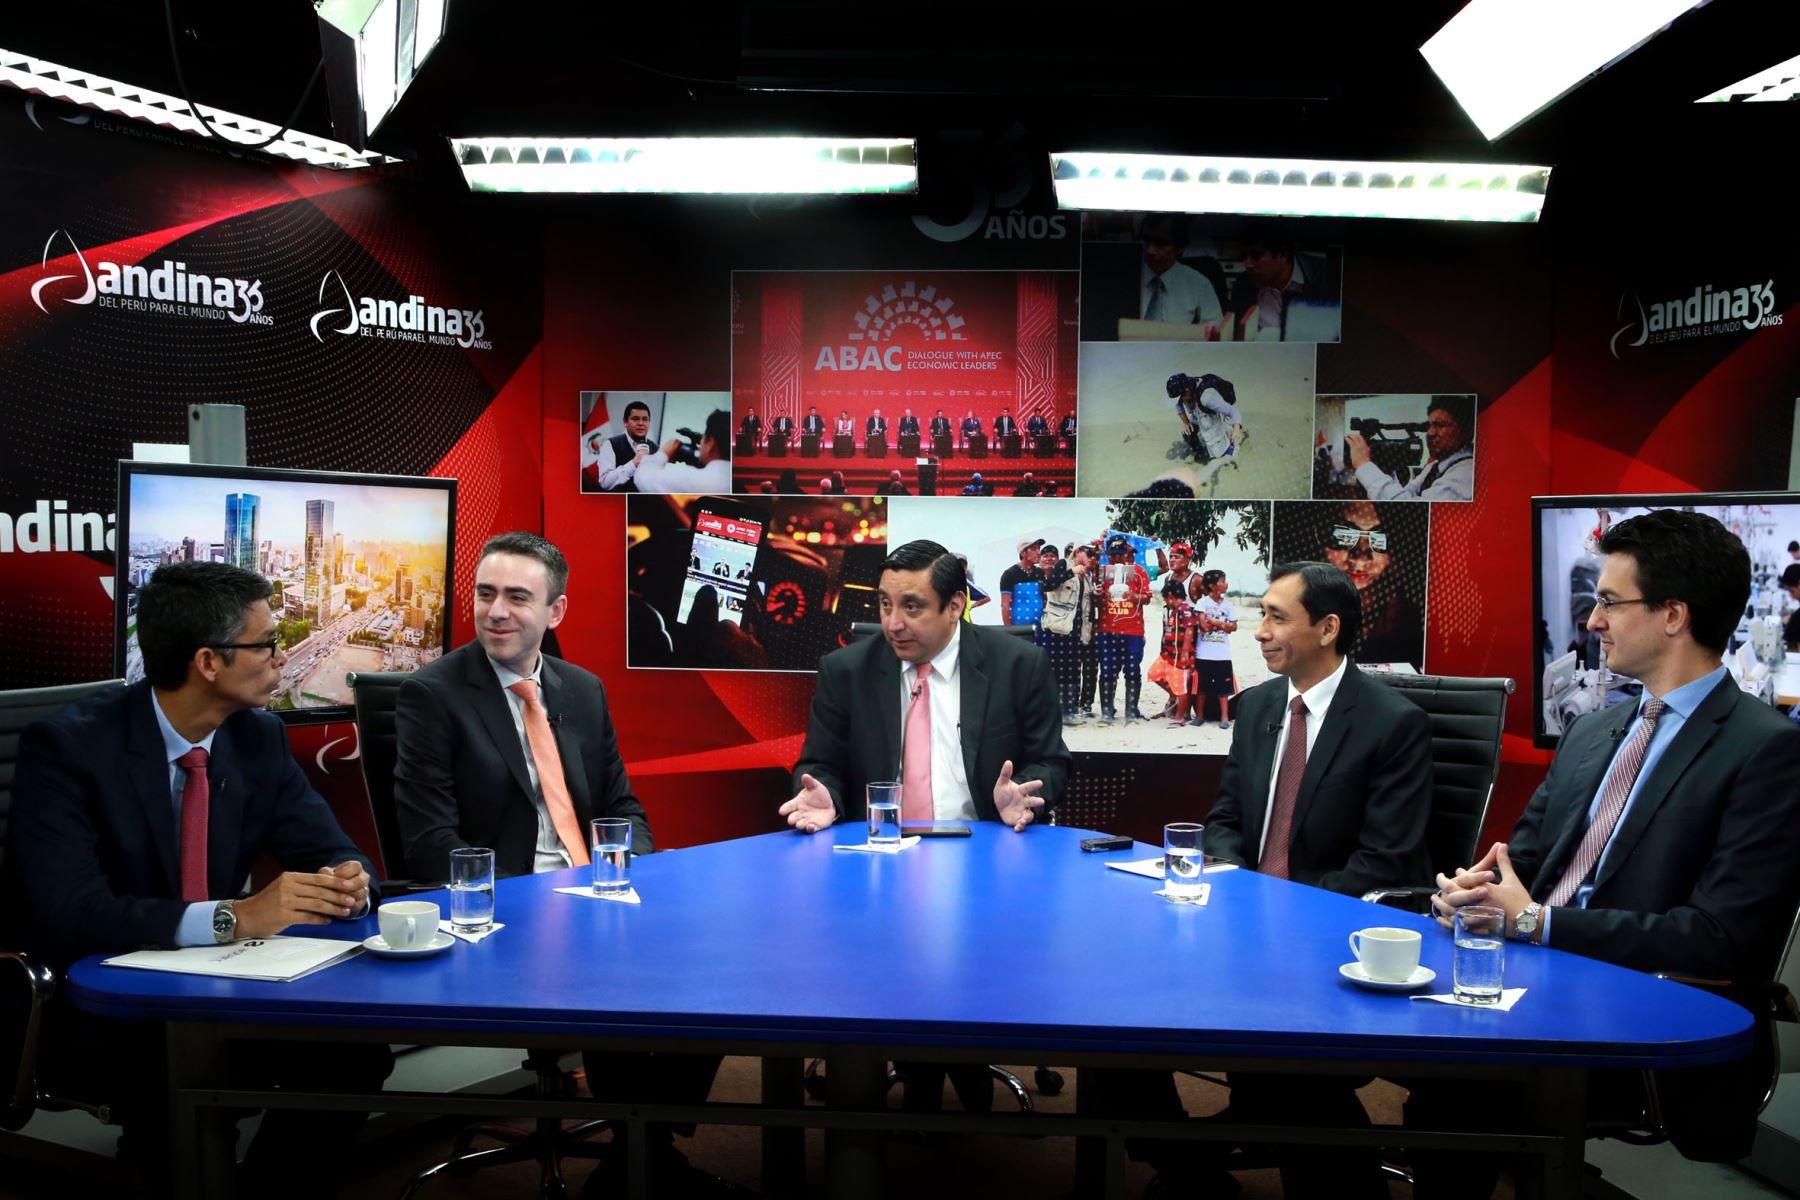 """Hoy se desarrolló la mesa redonda mensual """"Mirada Económica"""" organizada por la Agencia Andina y el Diario El Peruano.Foto:  ANDINA/Dante Zegarra"""